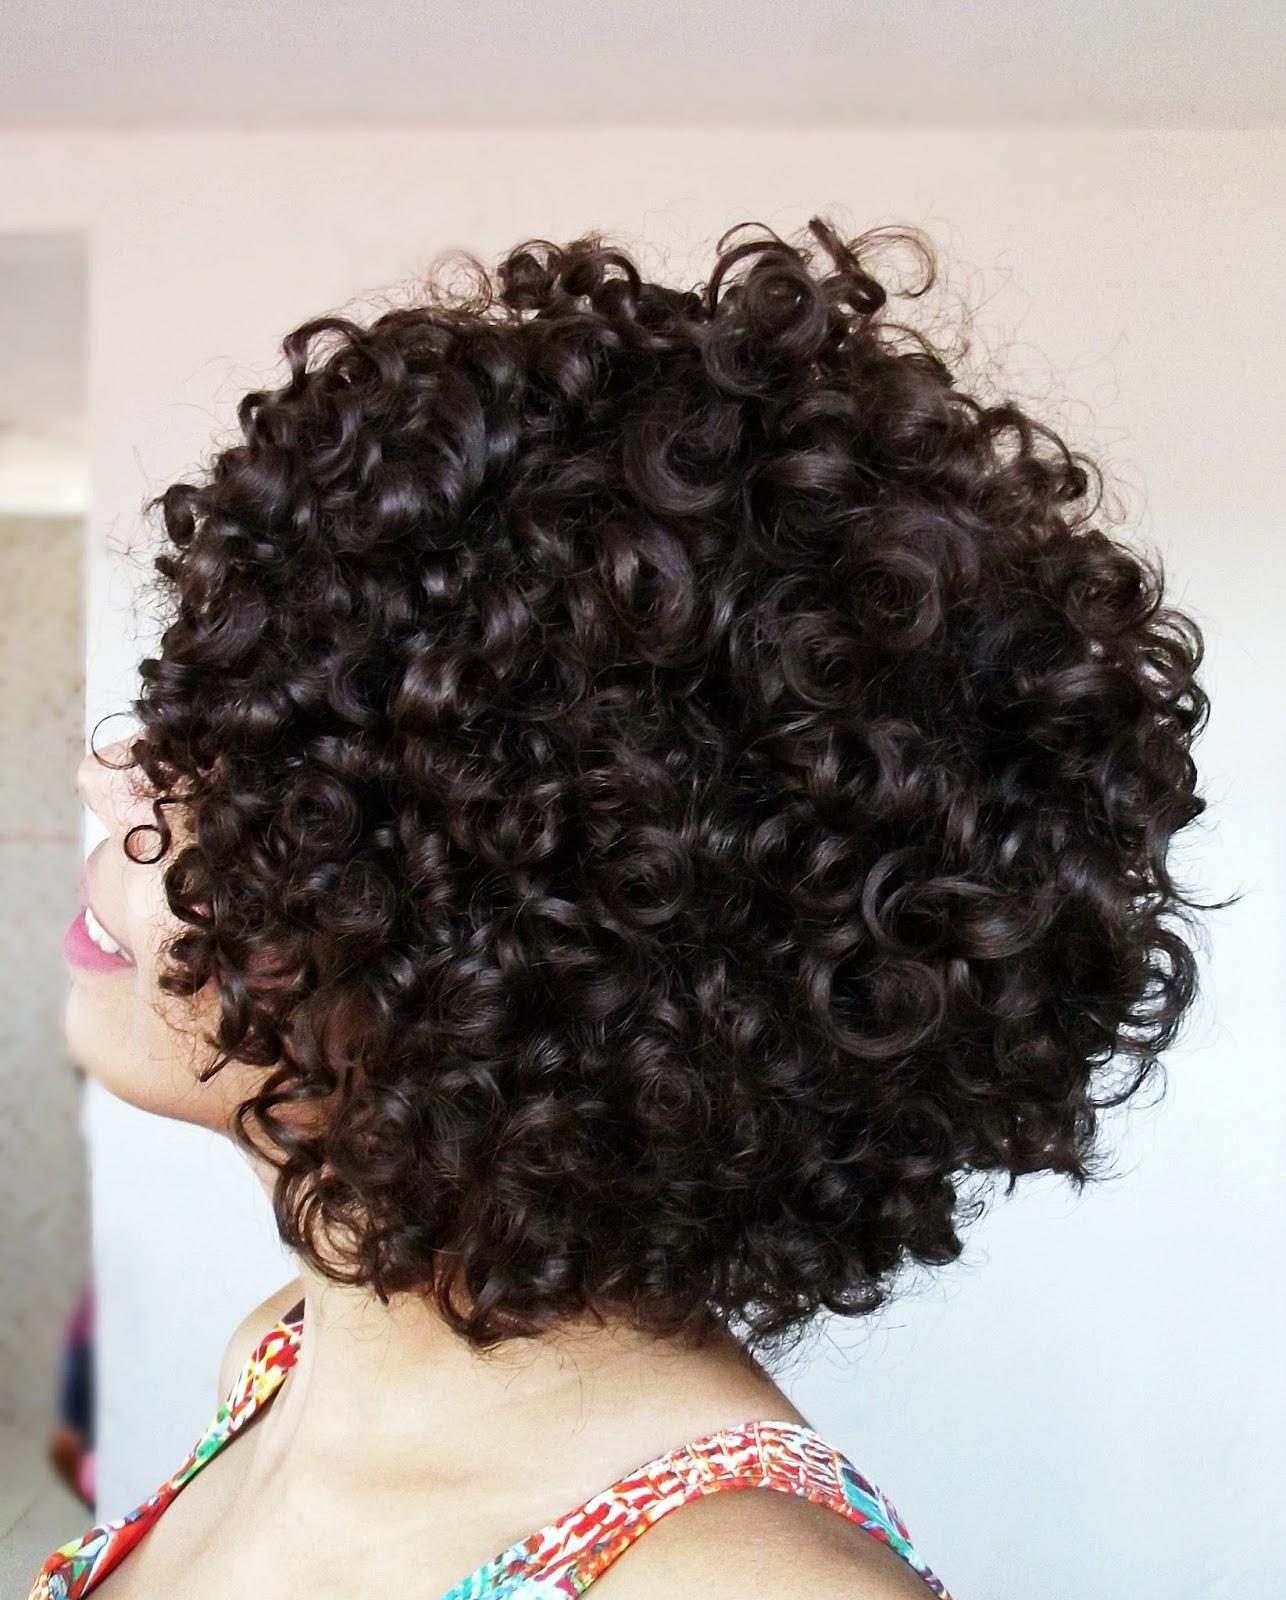 04 DICAS PARA TER MAIS DEFINIÇÃO | CABELOS CACHEADOS E CRESPOS, kahchear, kahena, como definir os cachos, como deixar o cabelo mais definido, cachos definidos, cabelo cacheado e crespo,